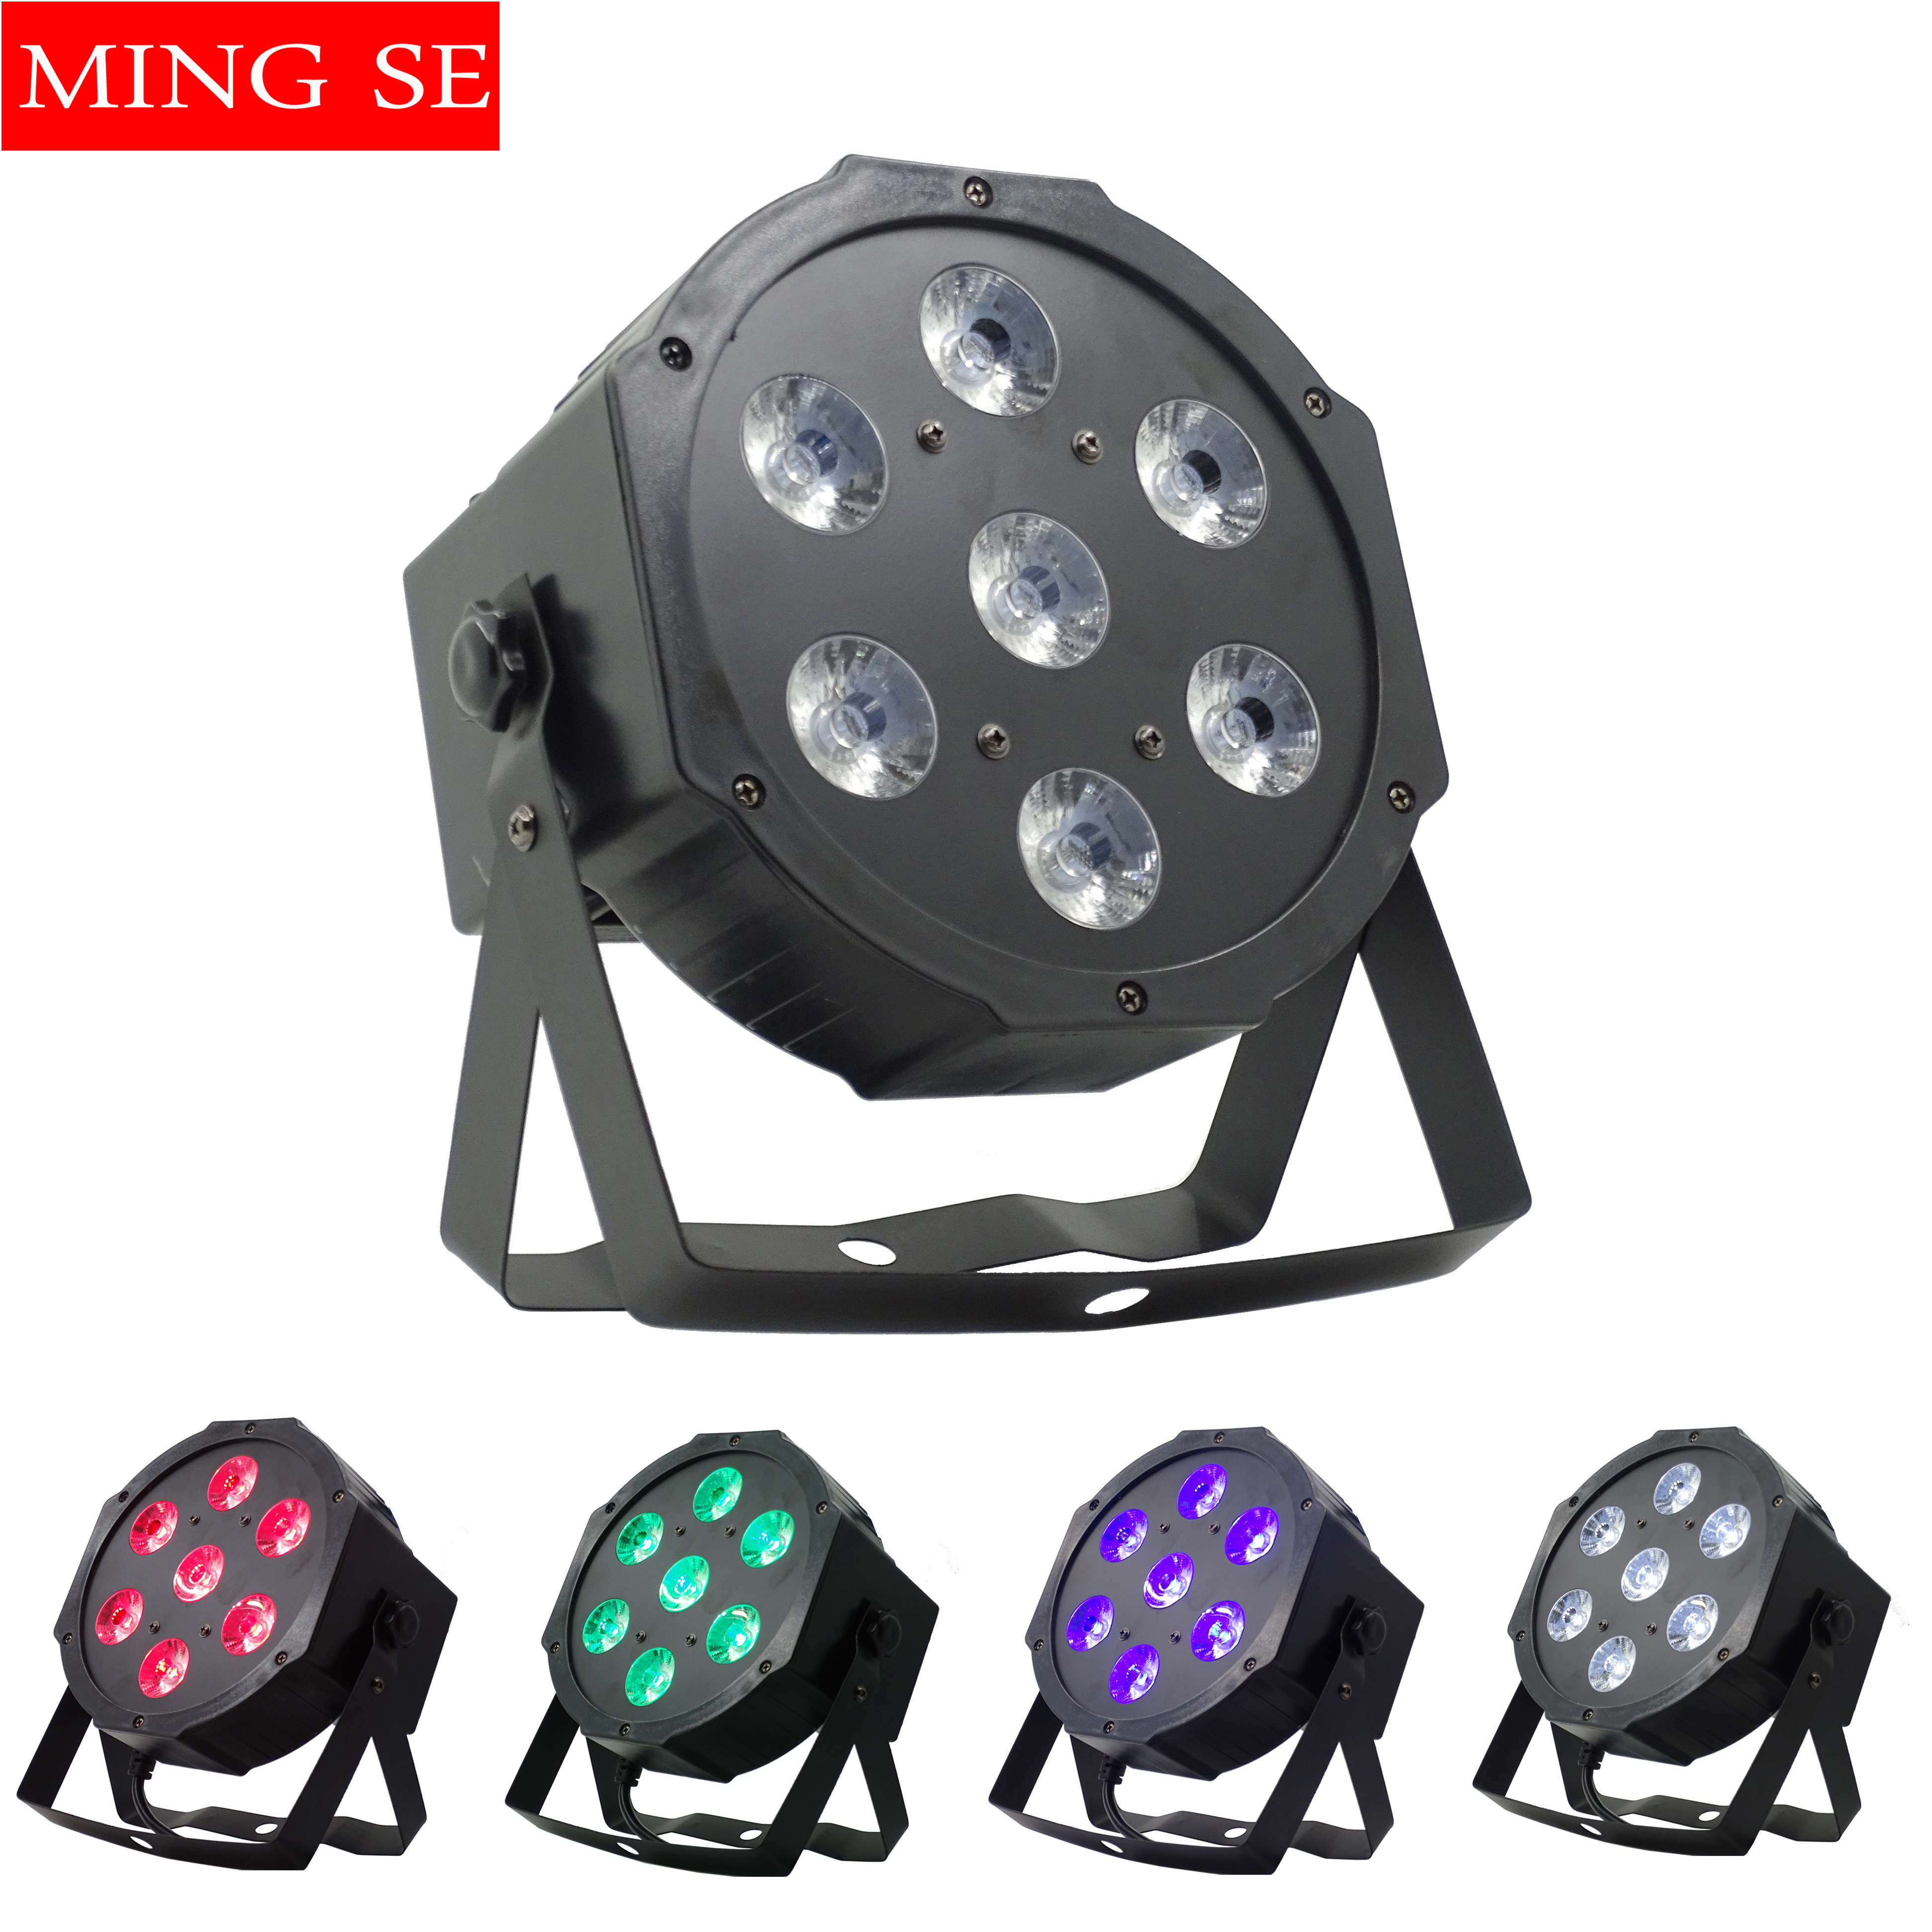 7*12W RGBW 4in1 Par Light Disco Stage Dyeing Lamp DJ Bar Wedding Lights 7x12w 4in1 7x18w RGBWA UV 6in1